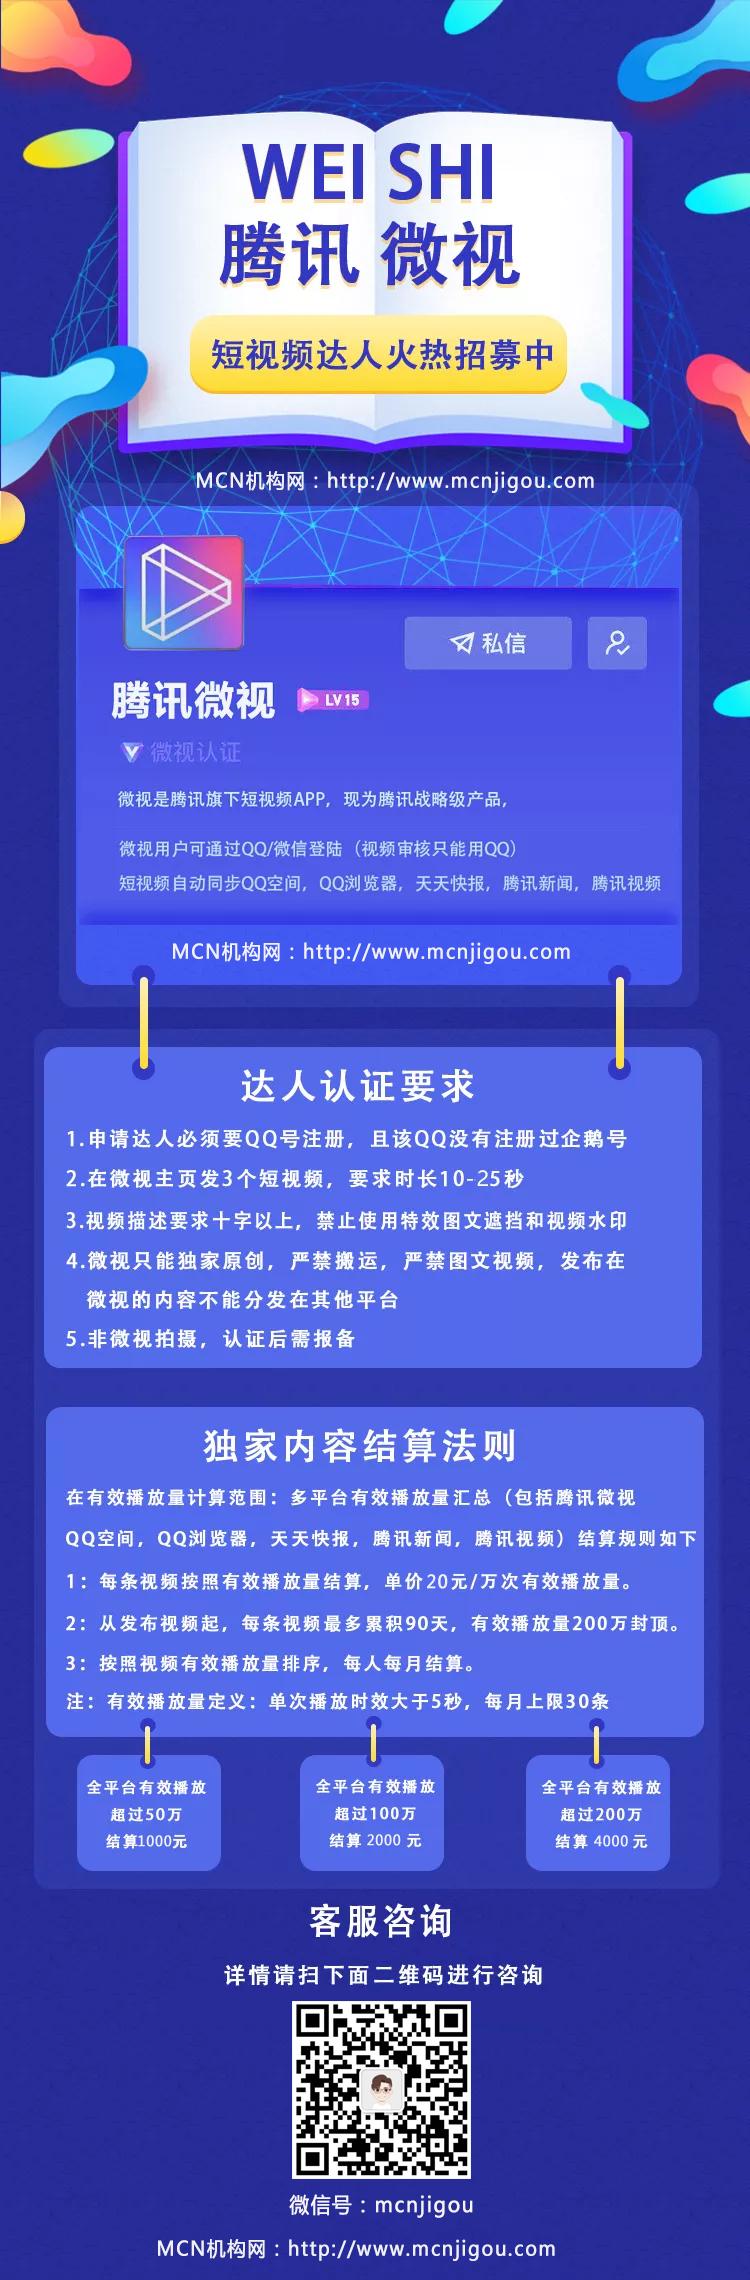 2019年<a href='http://mcnjigou.com/?tags=2'>微视</a>认证达人攻略以及补贴规则说明!